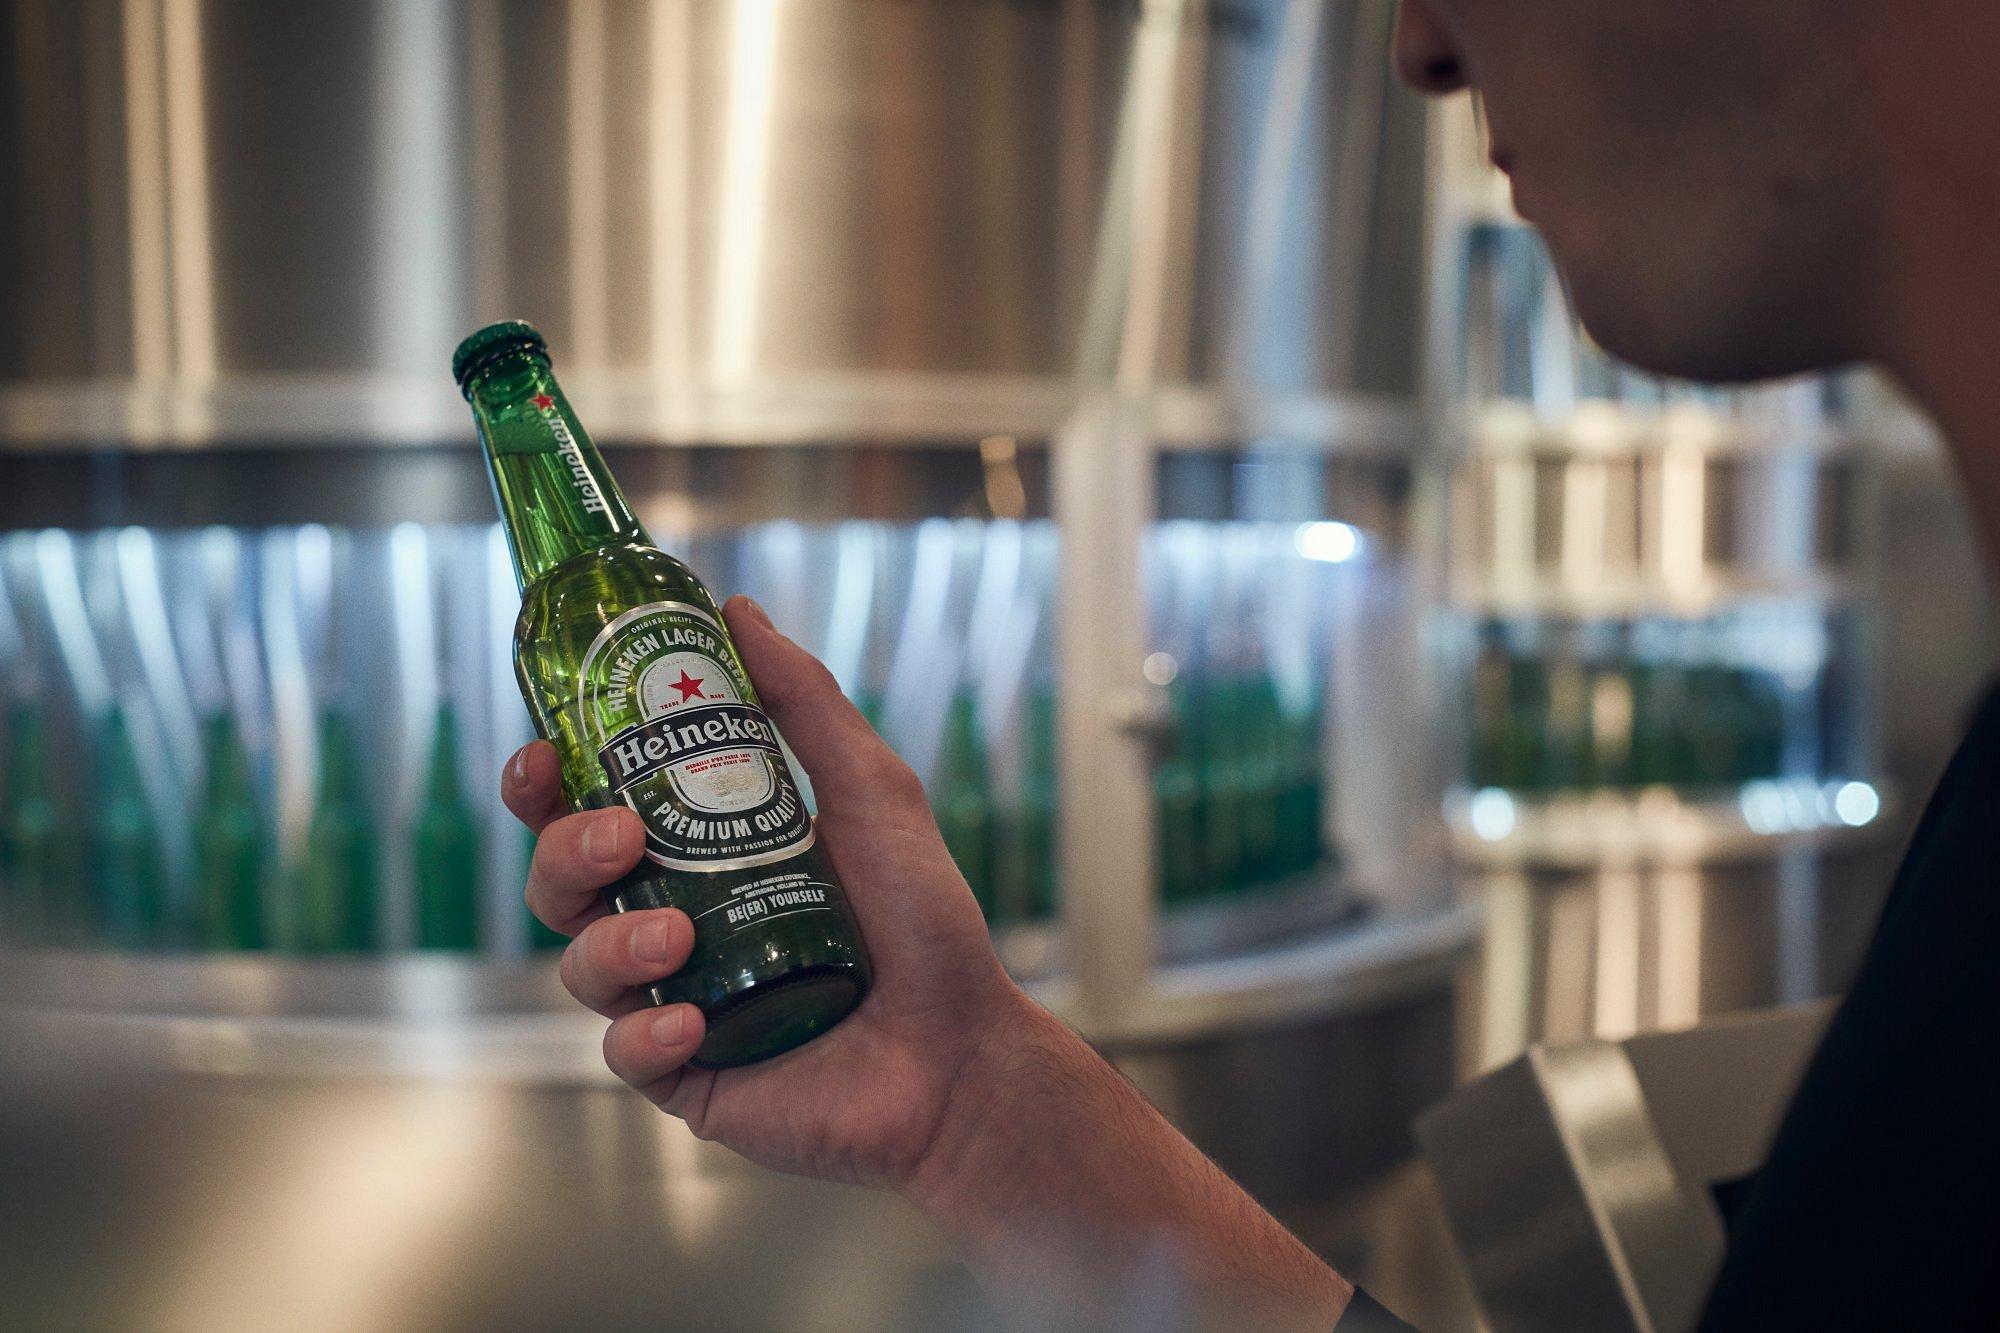 Holanda: Descubra o melhor da Cannabis e da Cerveja em só pacote!